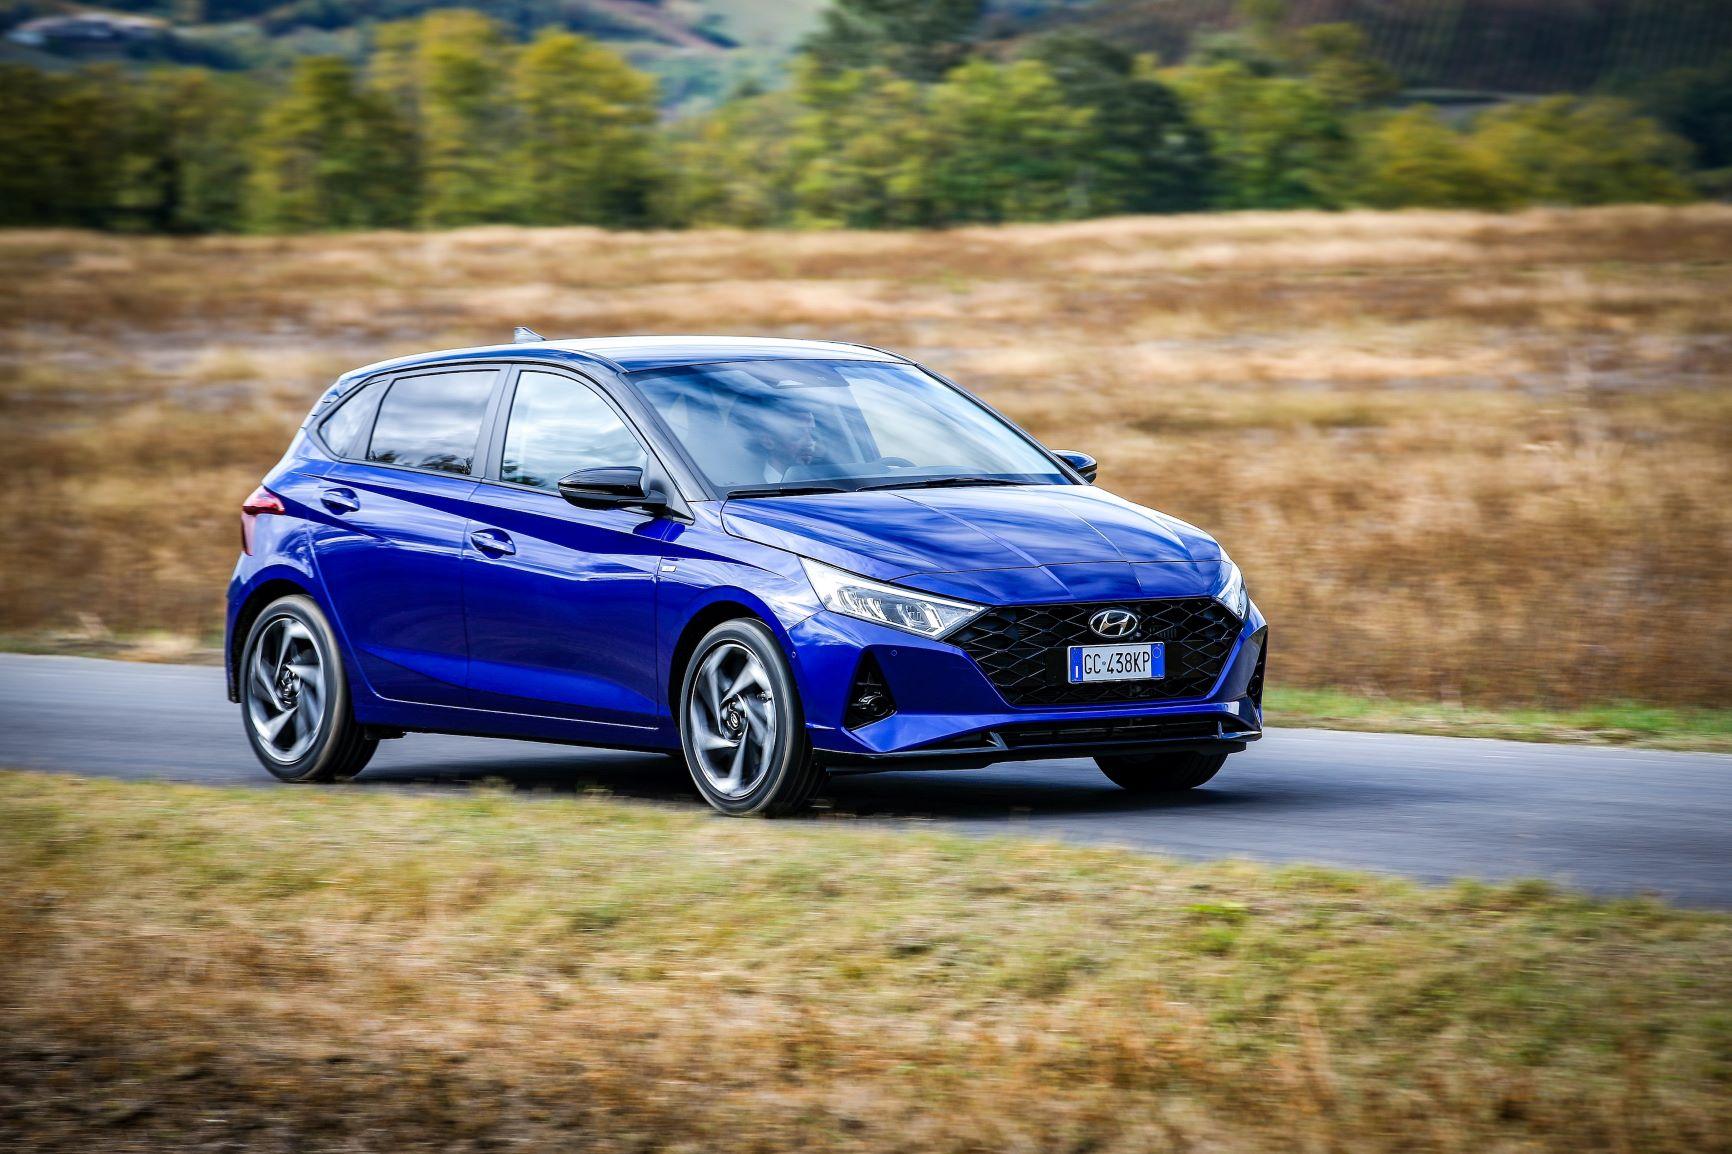 Hyundai Click To Buy i20